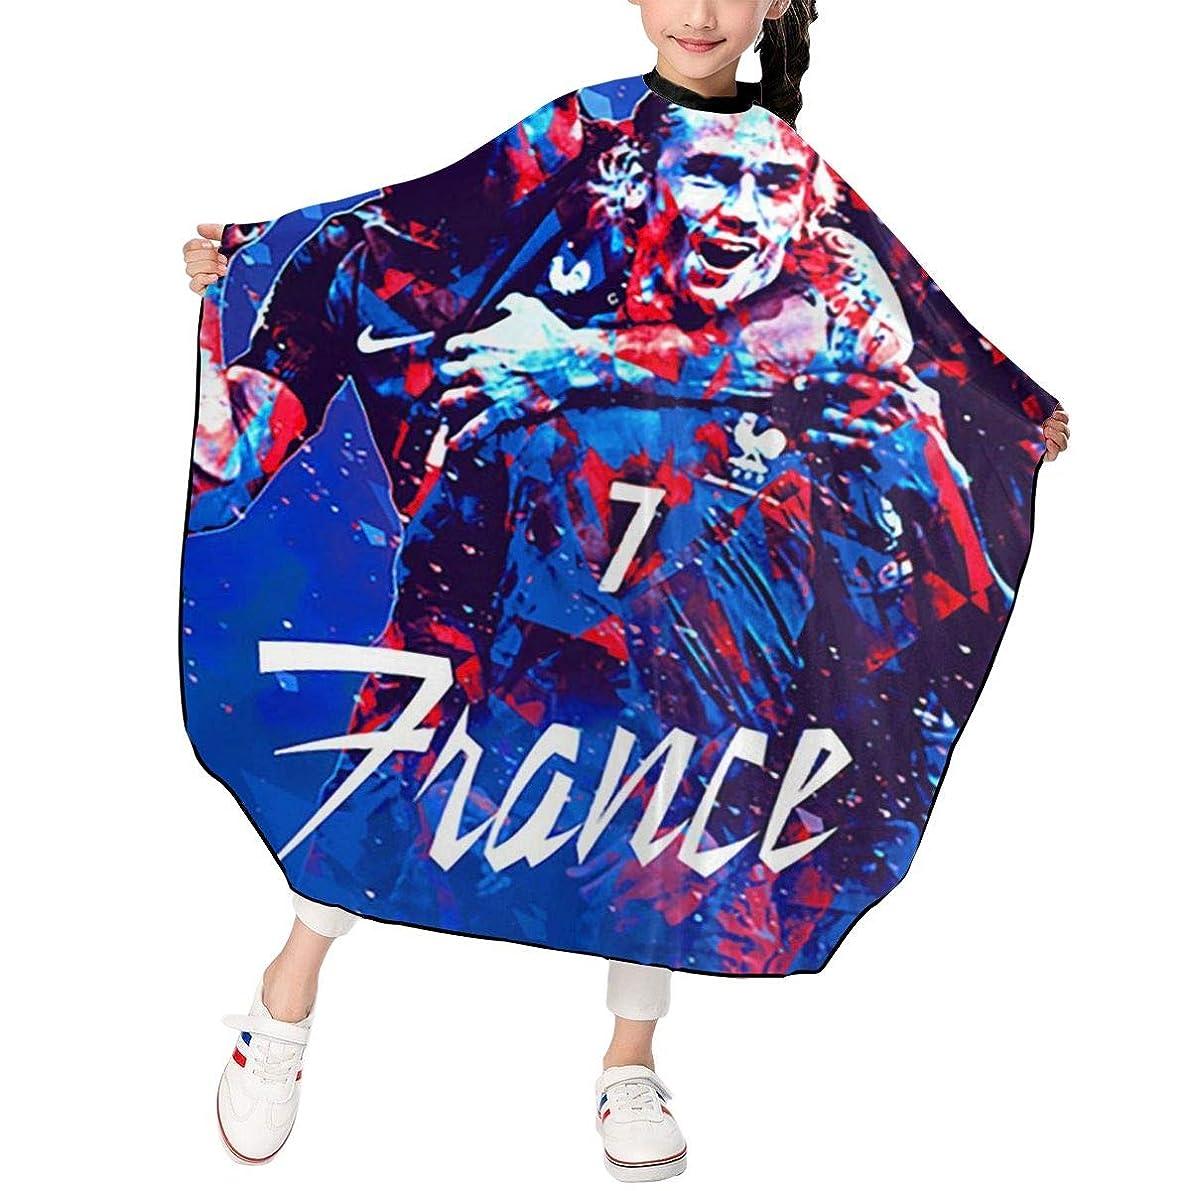 彼ら休憩する男最新の人気ヘアカットエプロン 子供用ヘアカットエプロン120×100cm フランスサッカー 柔らかく、軽量で、繊細なポリエステル生地、肌にやさしい、ドライ